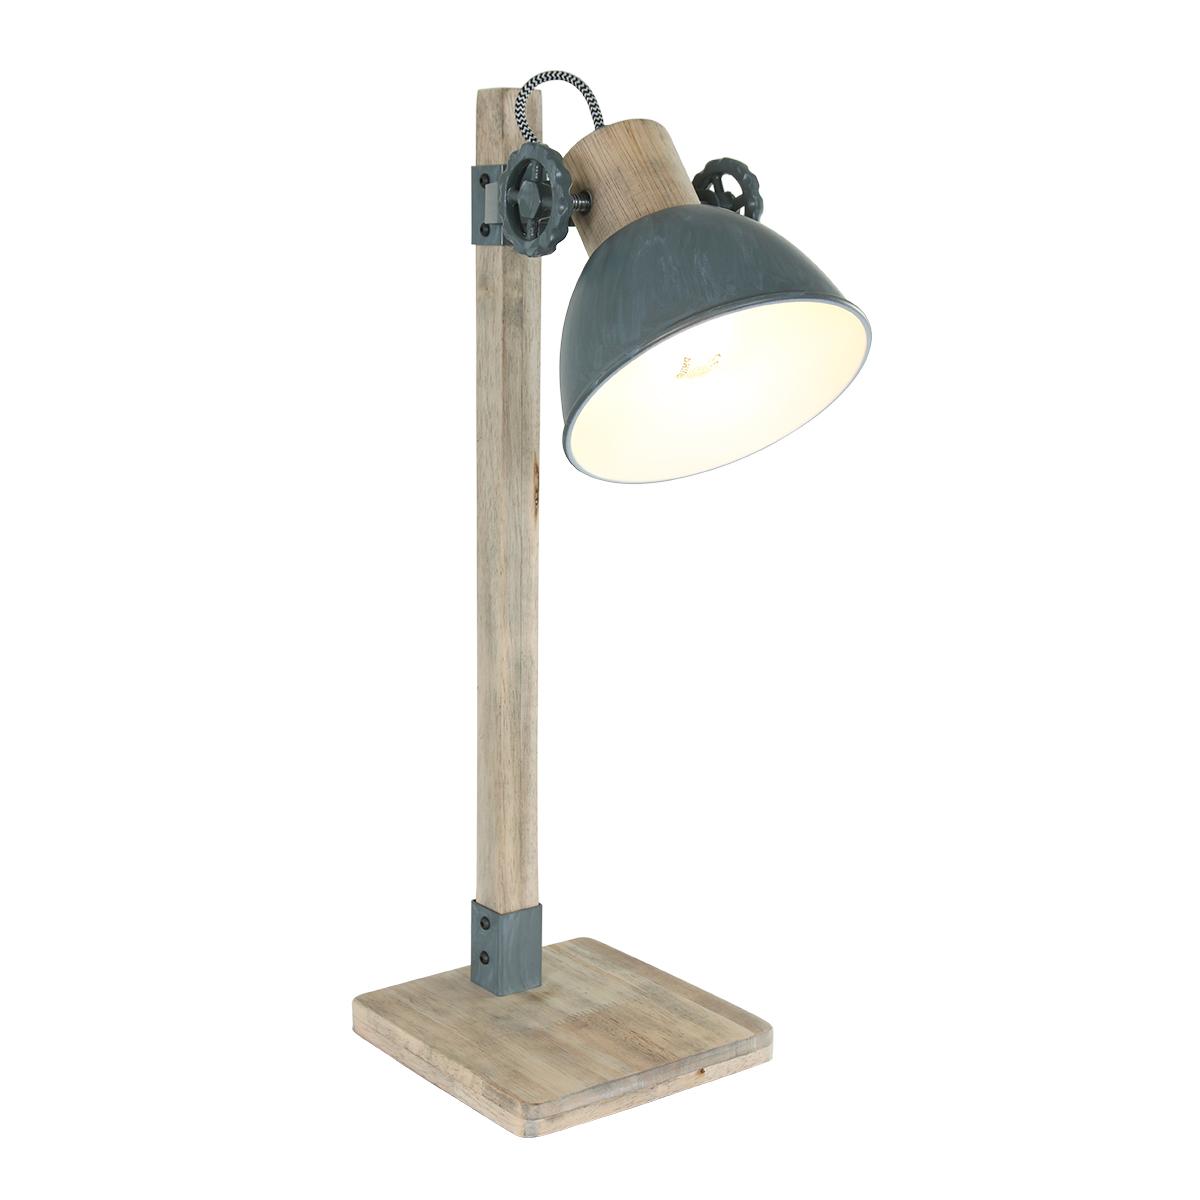 Tafellamp Steinhauer Gearwood Grijs